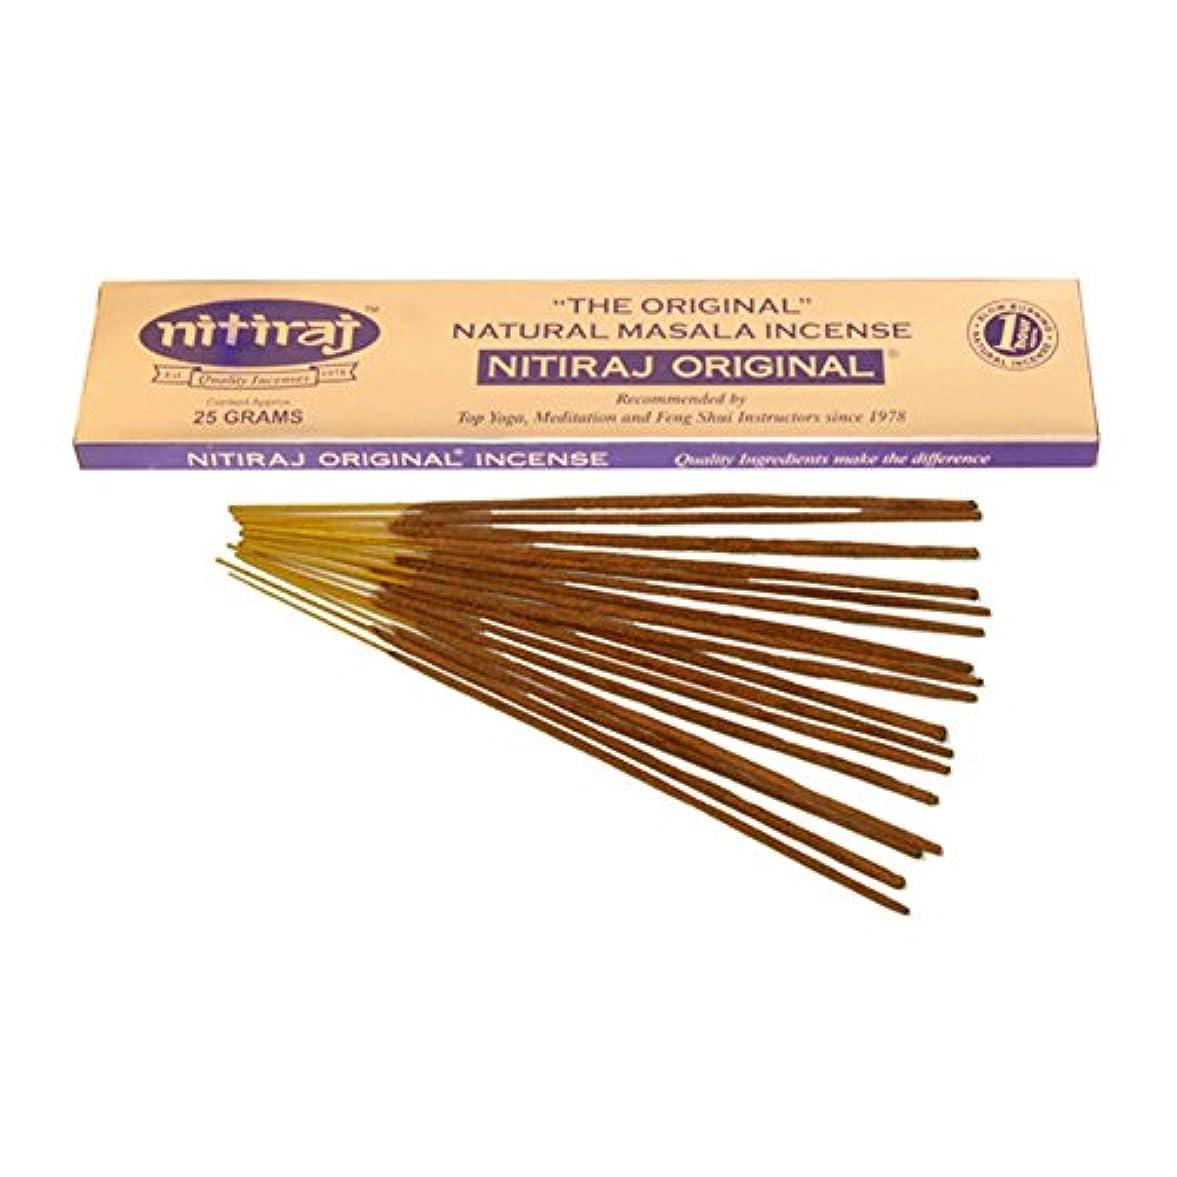 崇拝します特徴づける黄ばむ(25 Grammes) - Nitiraj The Original Natural Masala Incense Slow Burning 1 Hour per Stick